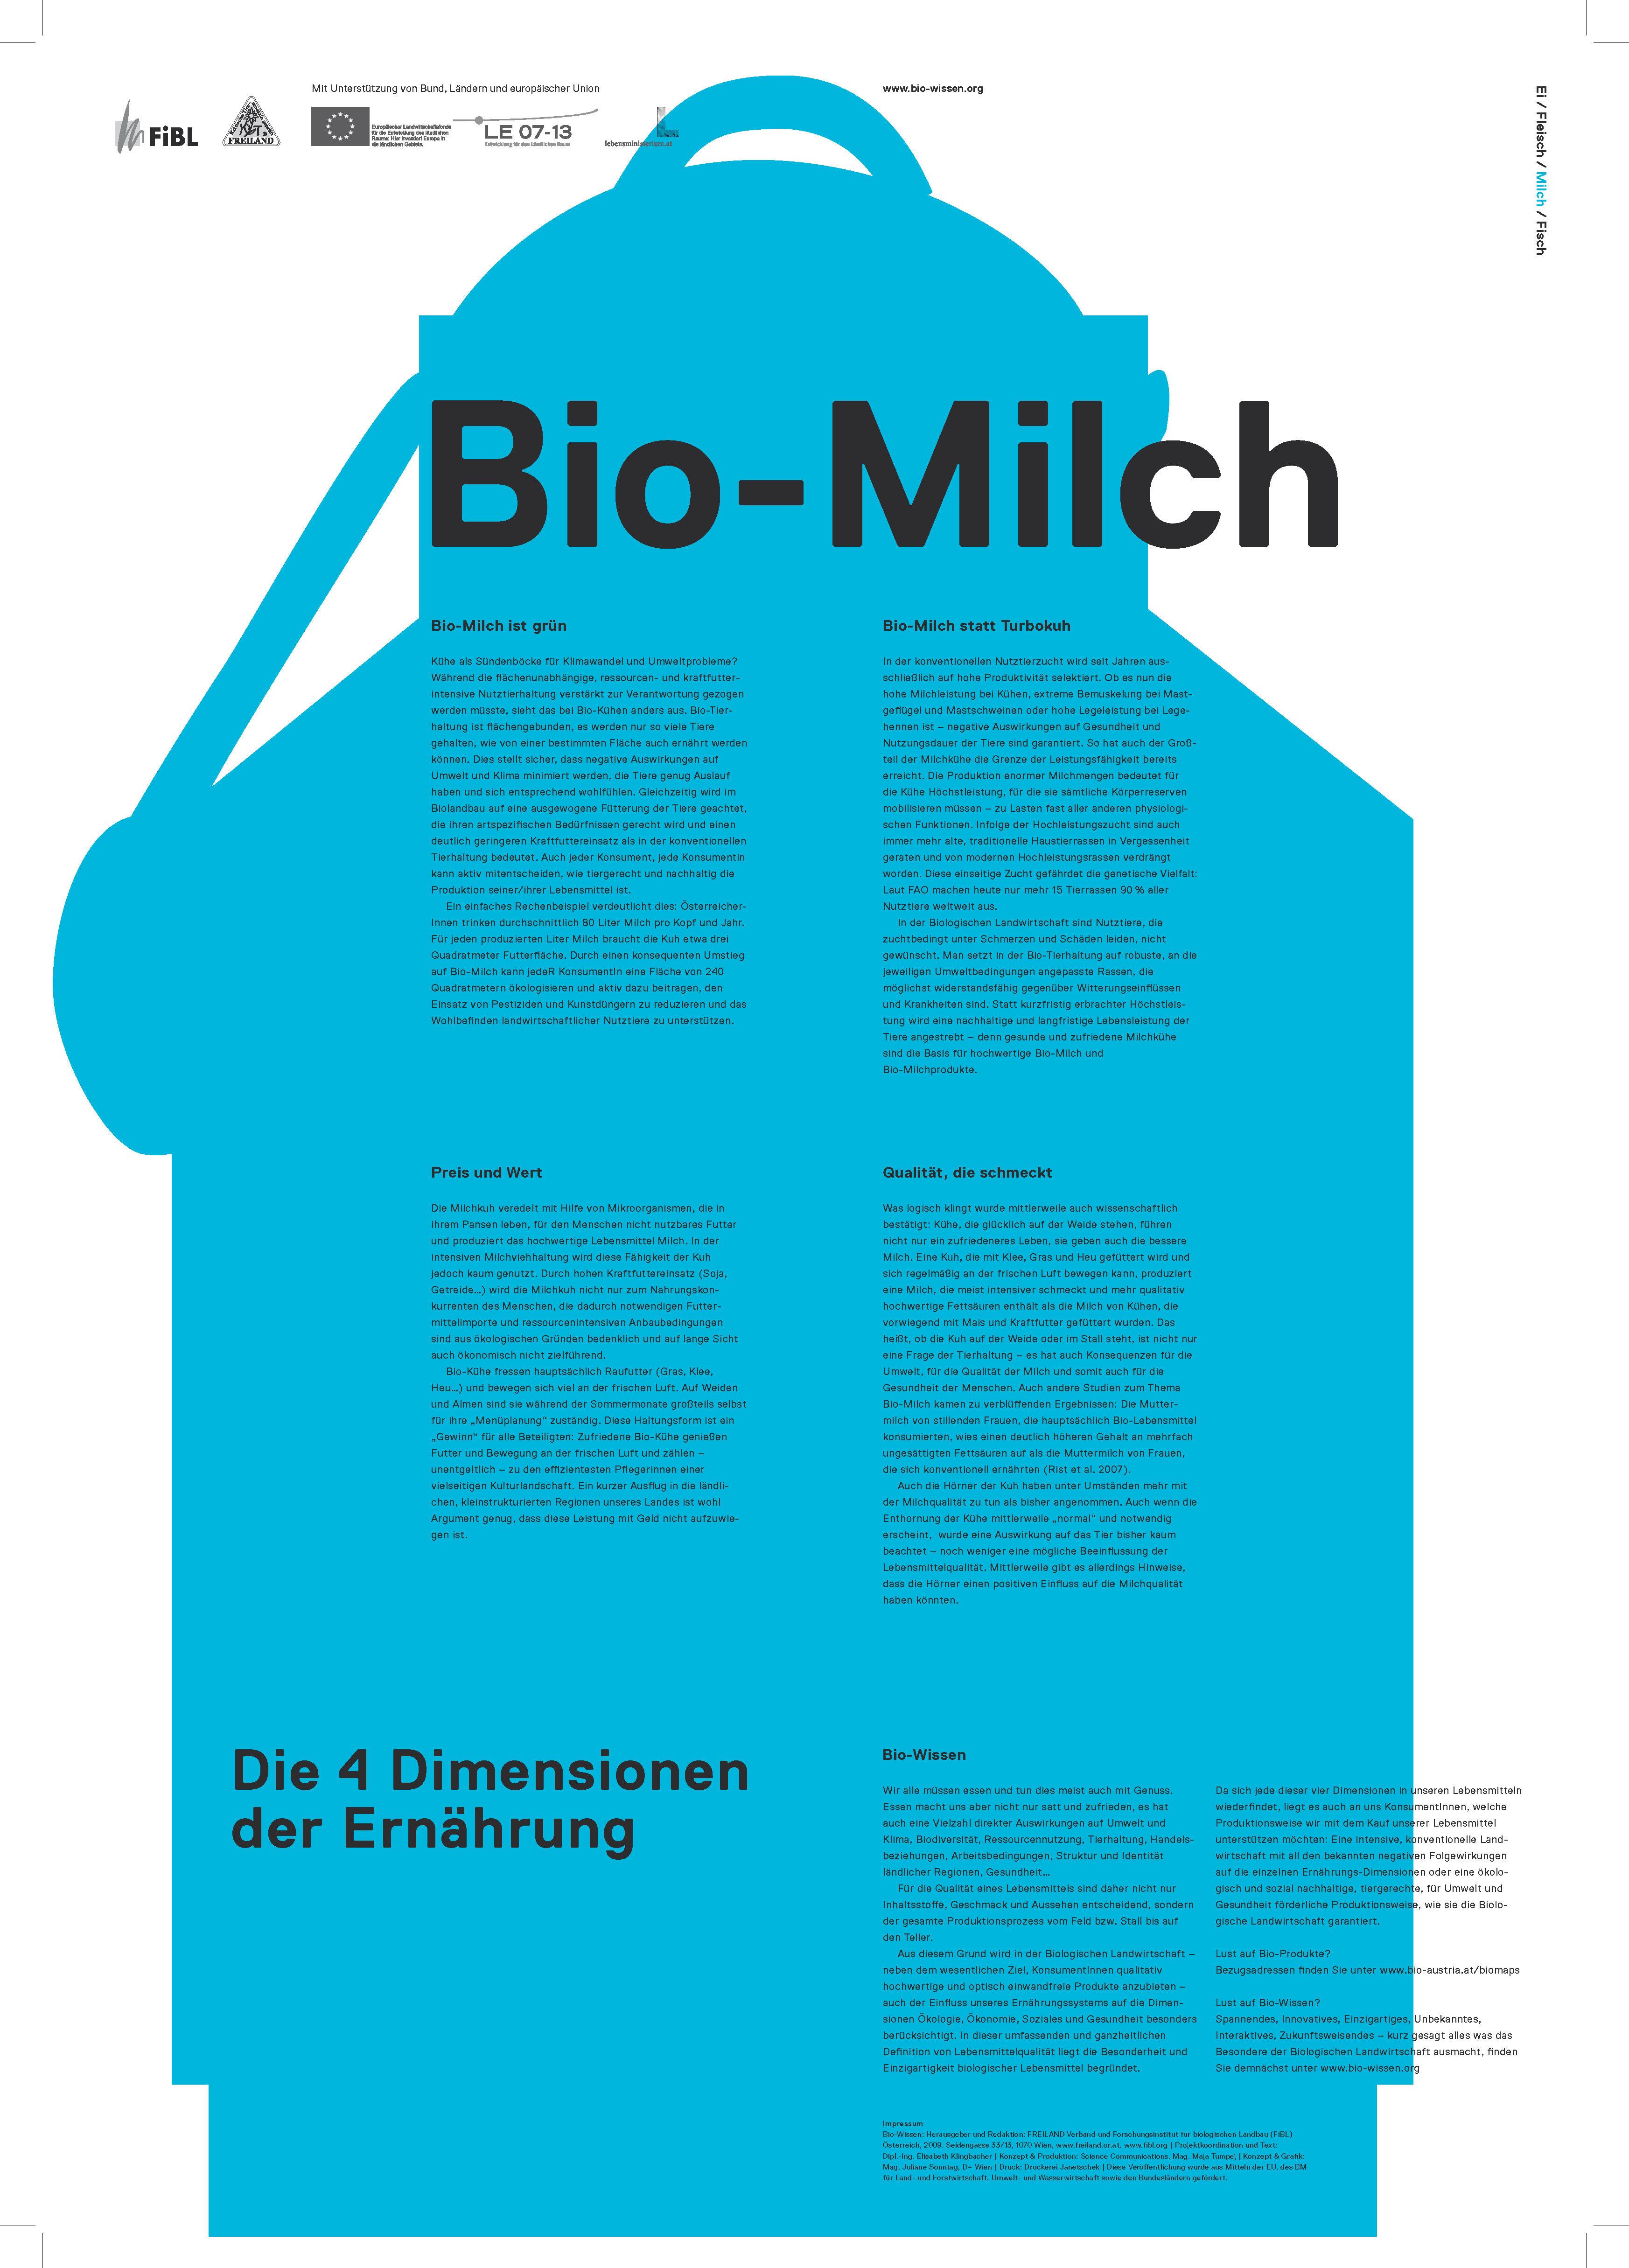 Bio-Wissen Bio-Milch Freiland-Geschichte